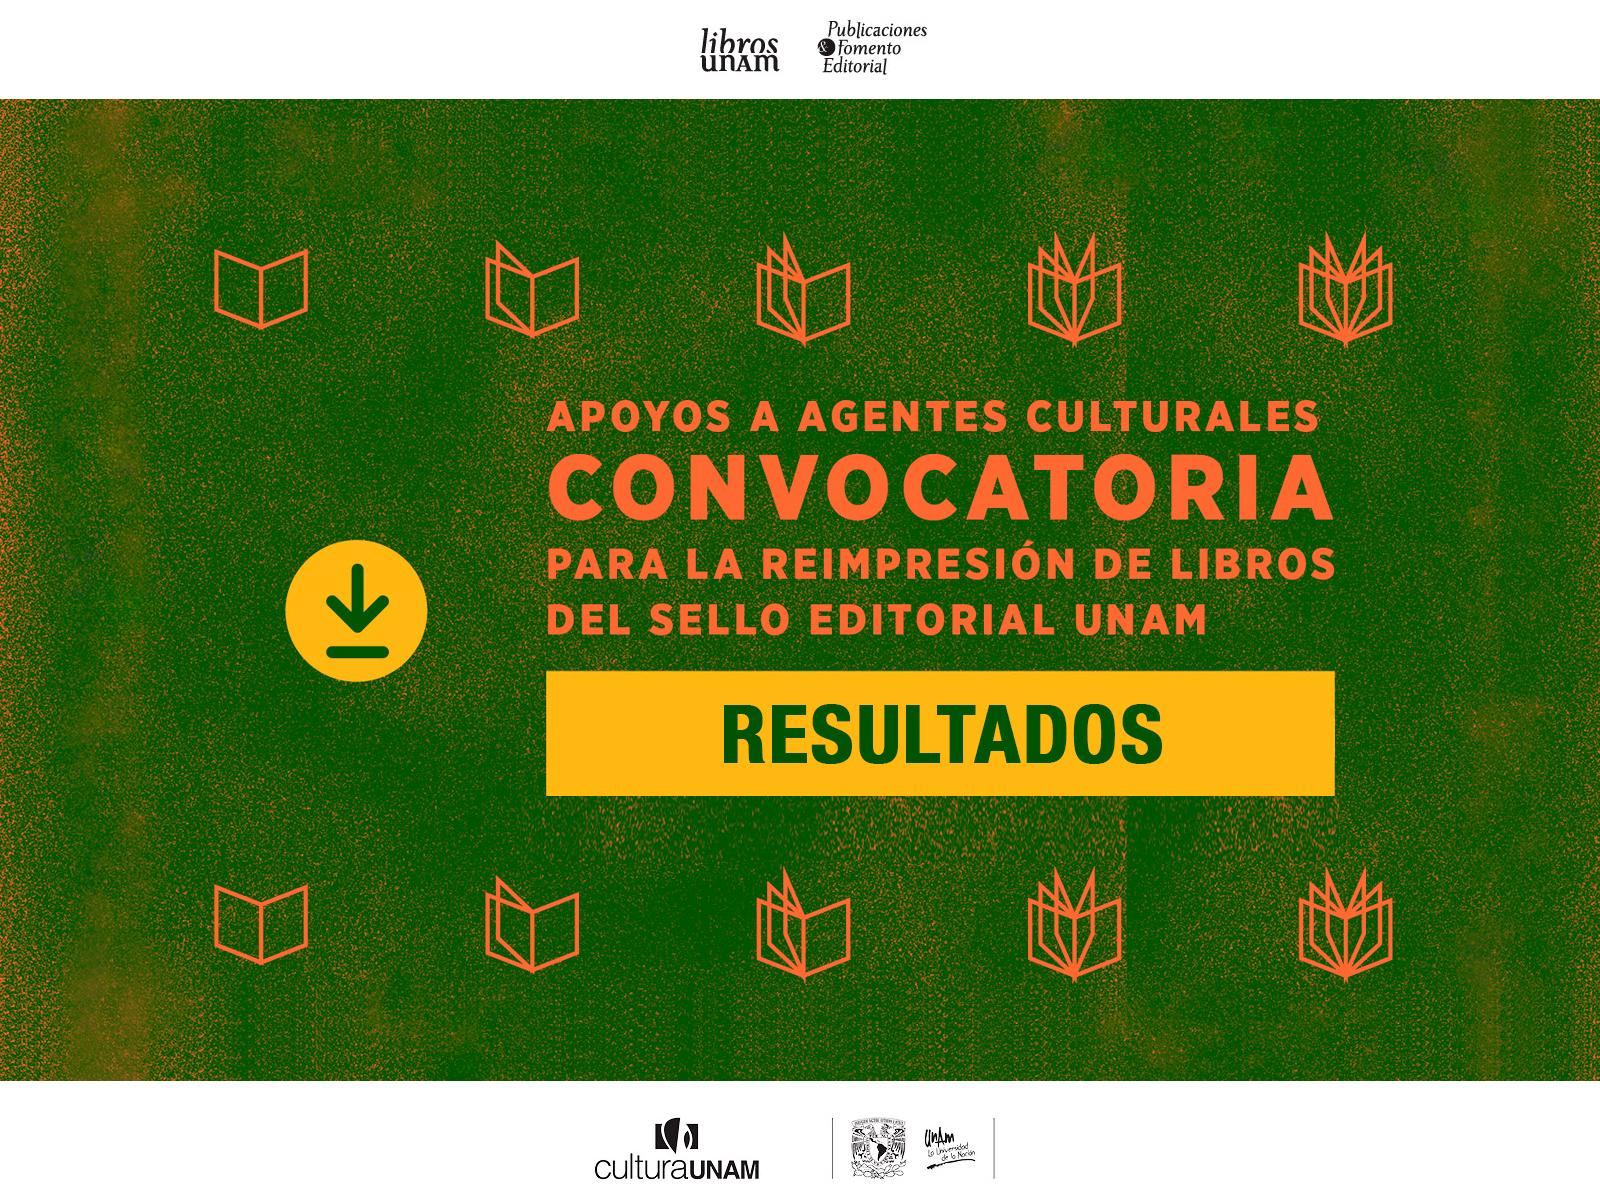 Resultados de la Convocatoria de reimpresión